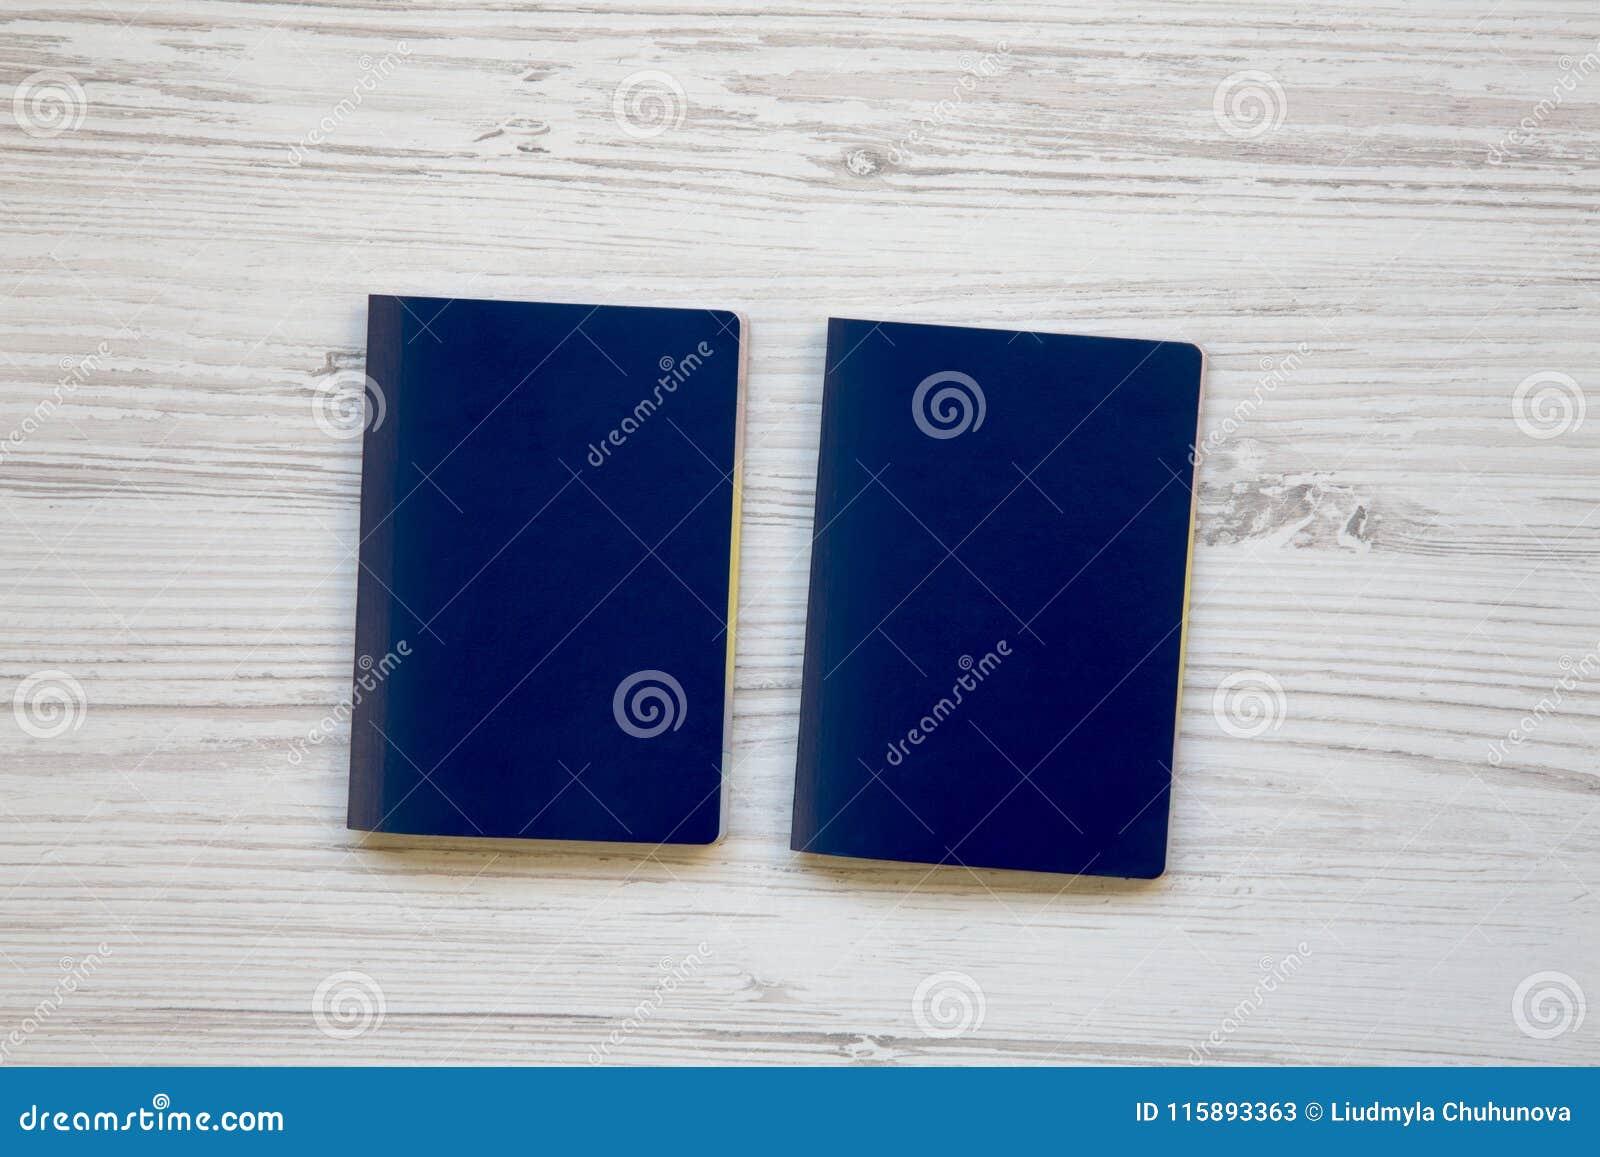 Dwa pustego błękitnego paszporta na biały drewnianym